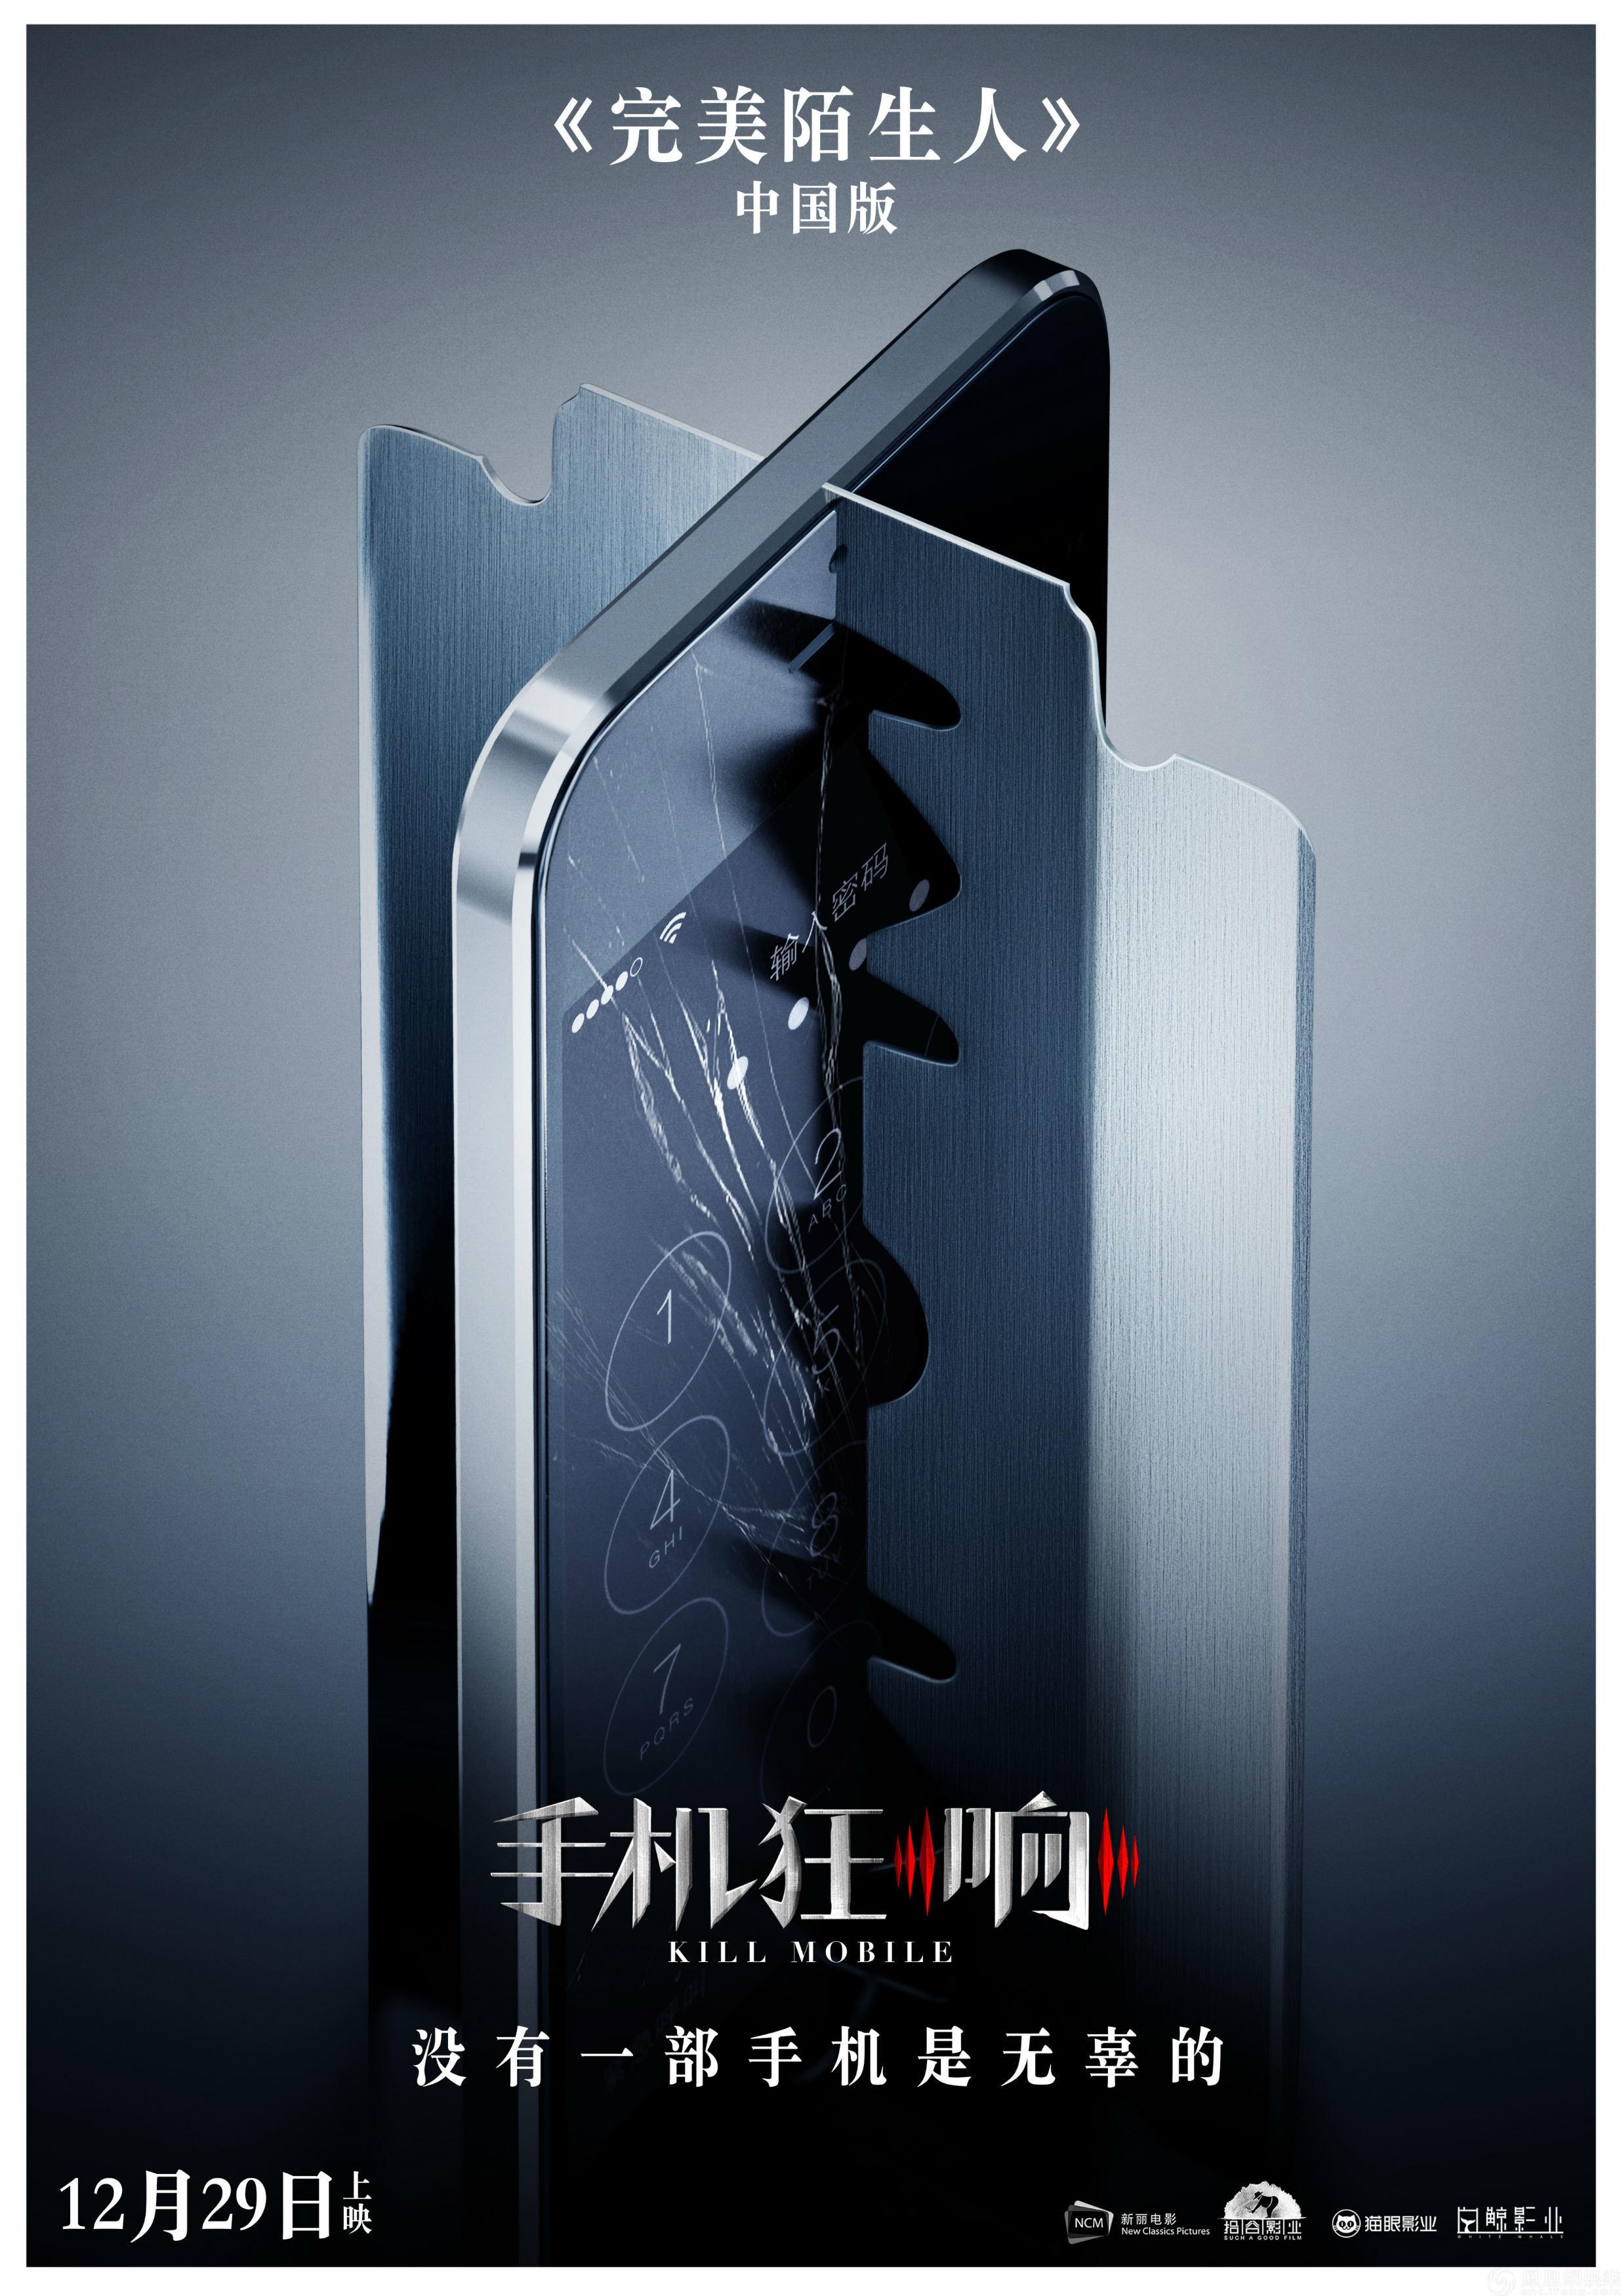 《手机狂响》曝首款全阵容预告 游戏开场1229引爆贺岁